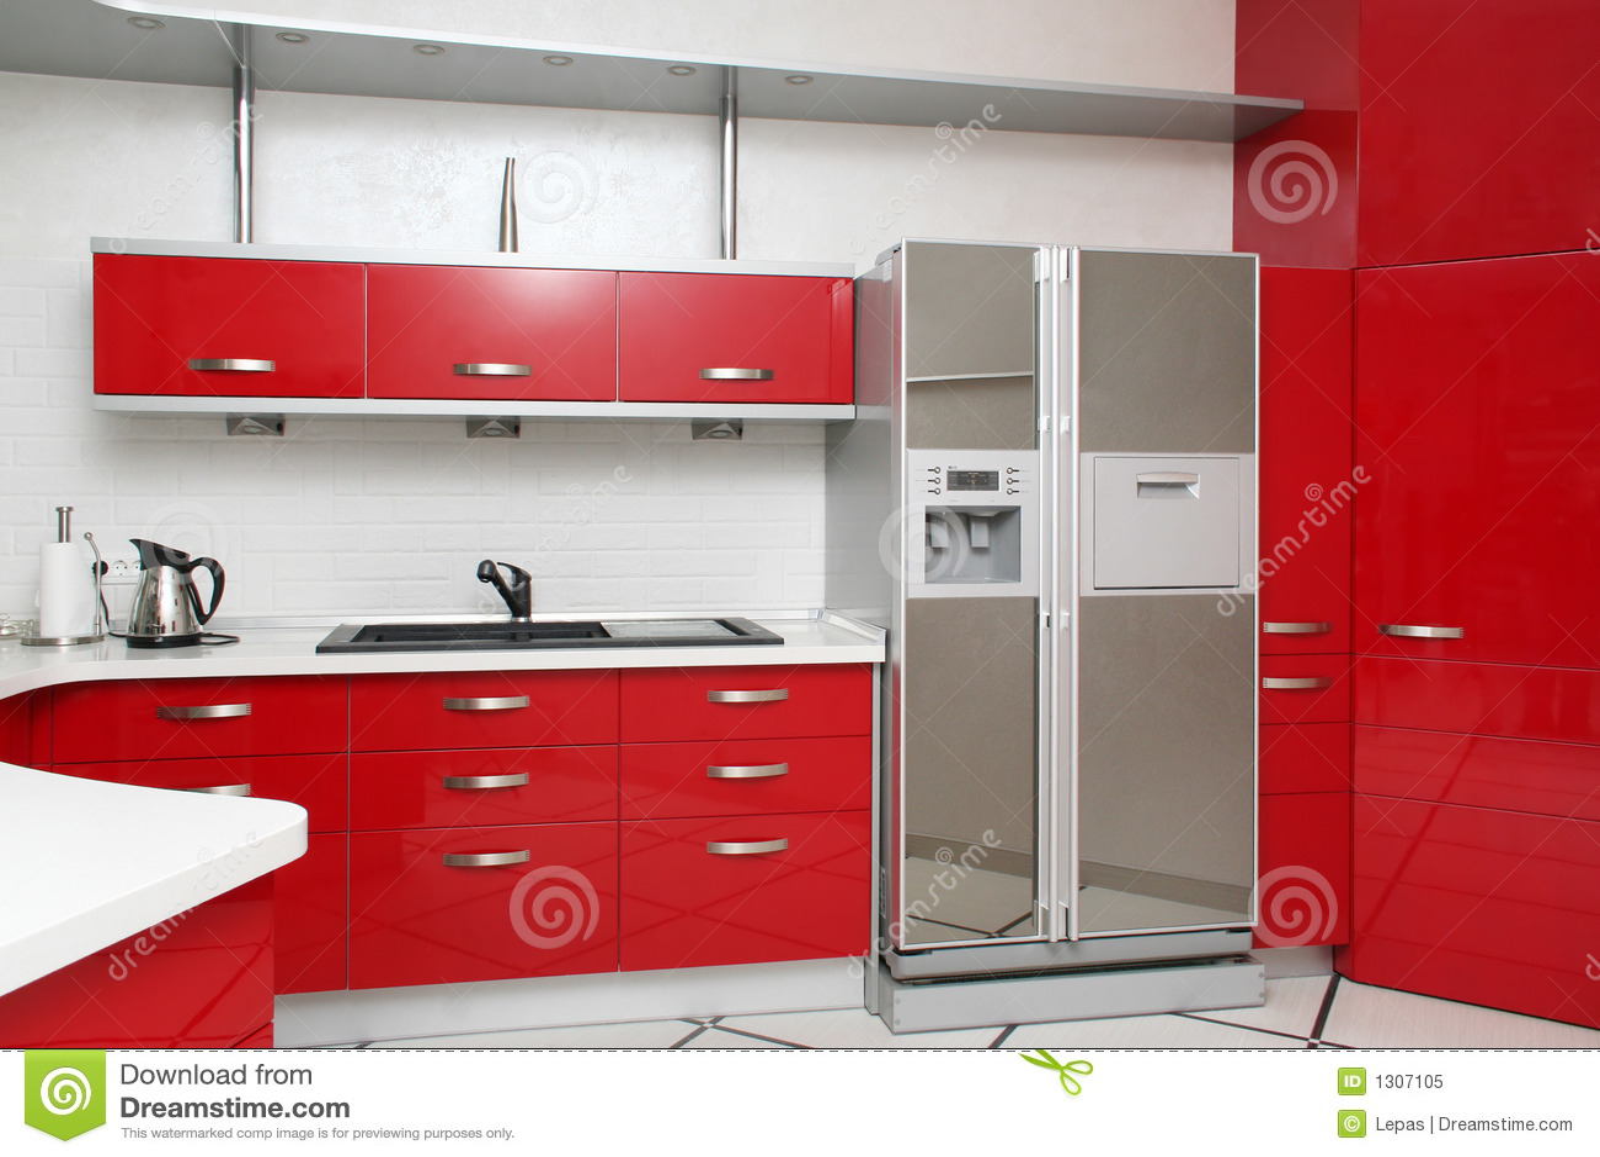 Cucina Bianca Rossa Sistema 901 : Cucina rossa mercatone uno cucine moderne elegante una